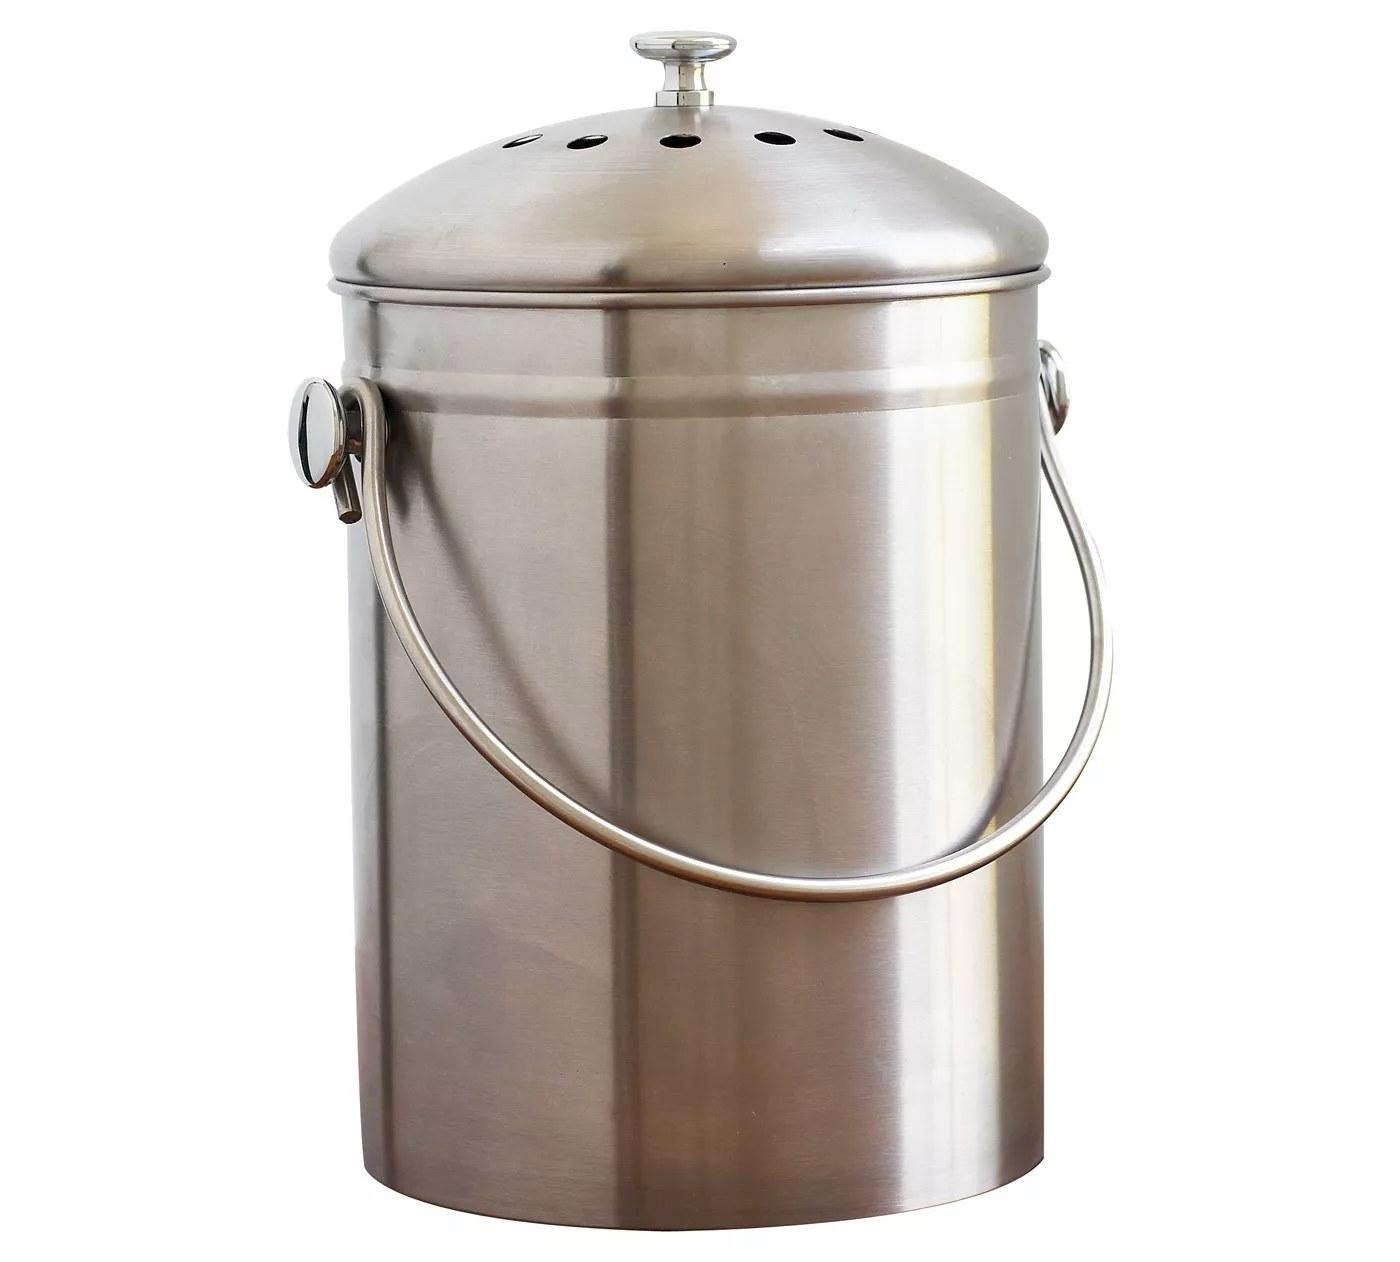 The silver compost bin